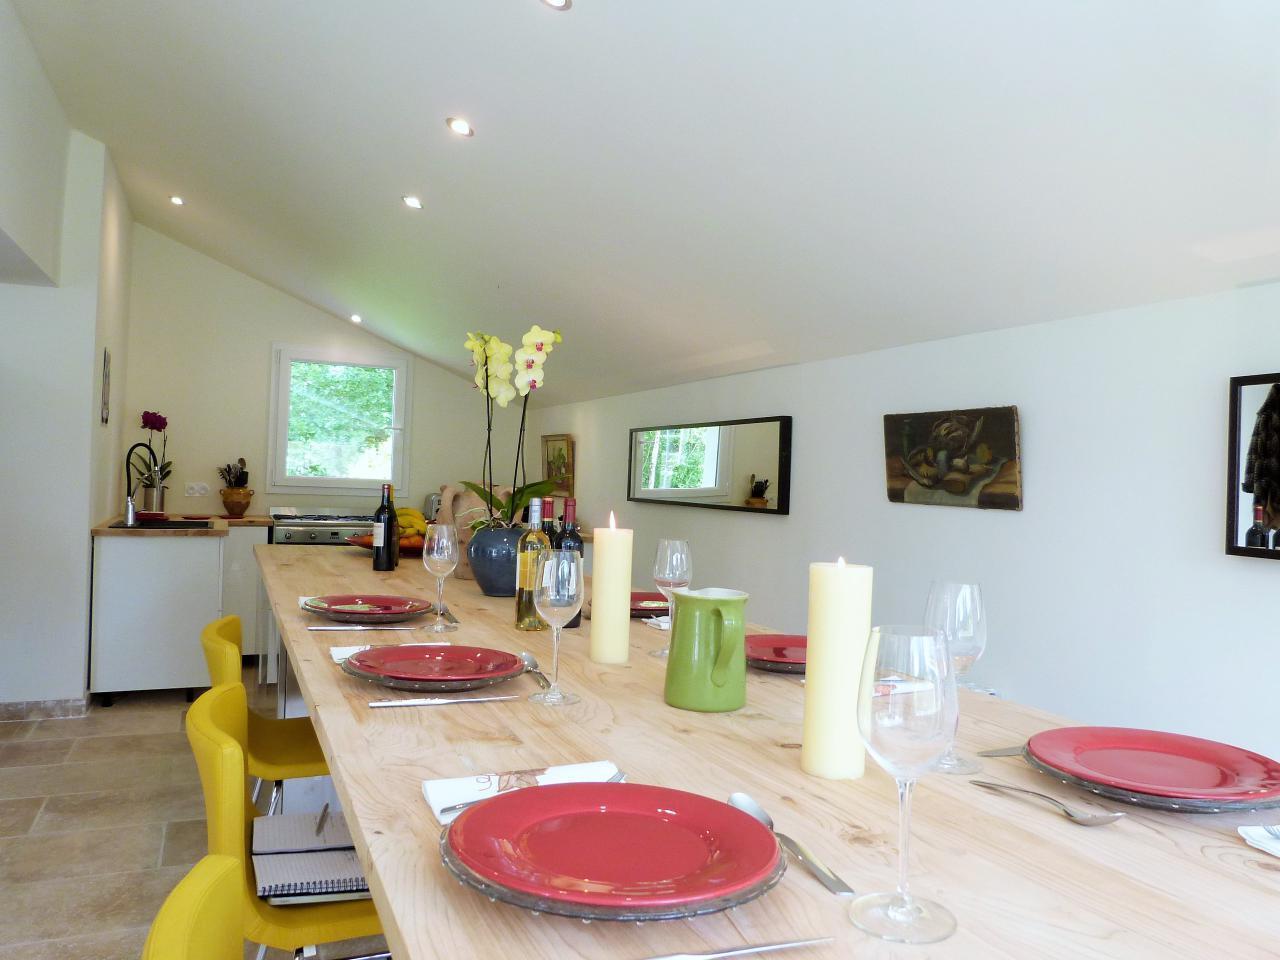 Maison de vacances Exklusives Landhaus mit Top-Küche, beheizter Pool, Naturgarten, unweit von St. Emilion, Bo (1040506), Martillac, Gironde, Aquitaine, France, image 12